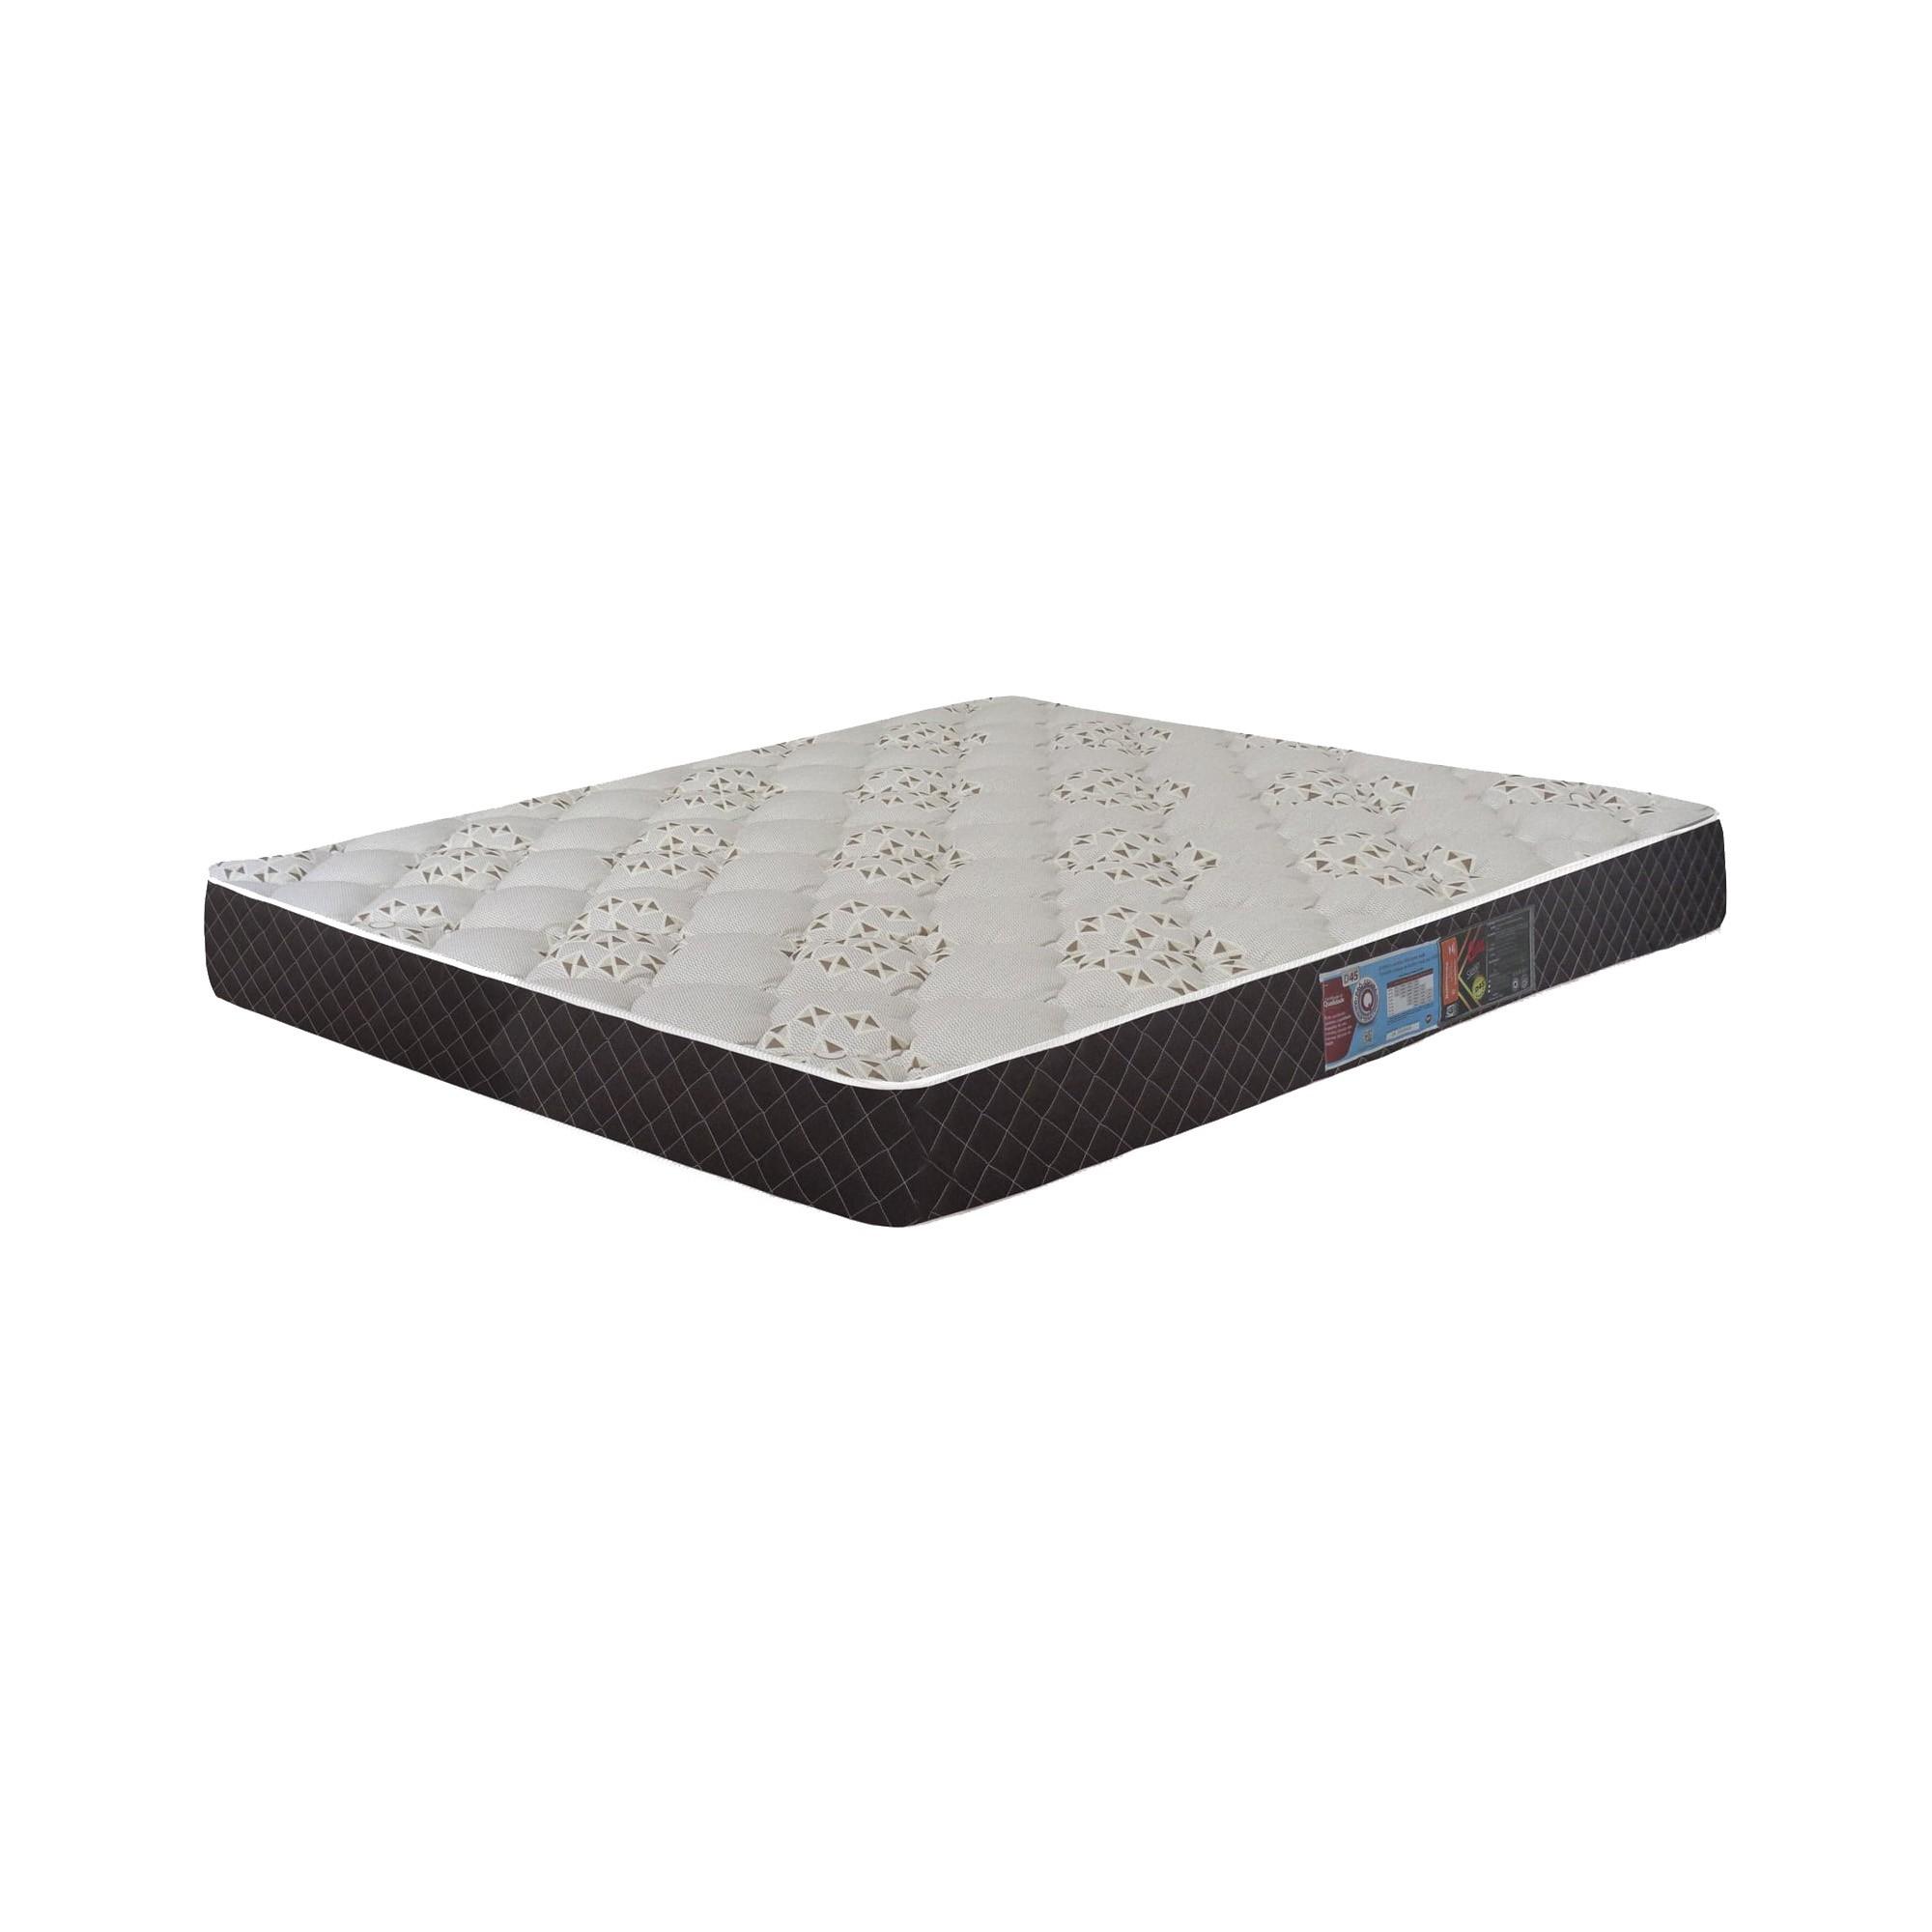 Colchão Castor Sleep Max D45 18 cm [Solteirão 096 x 203 cm]